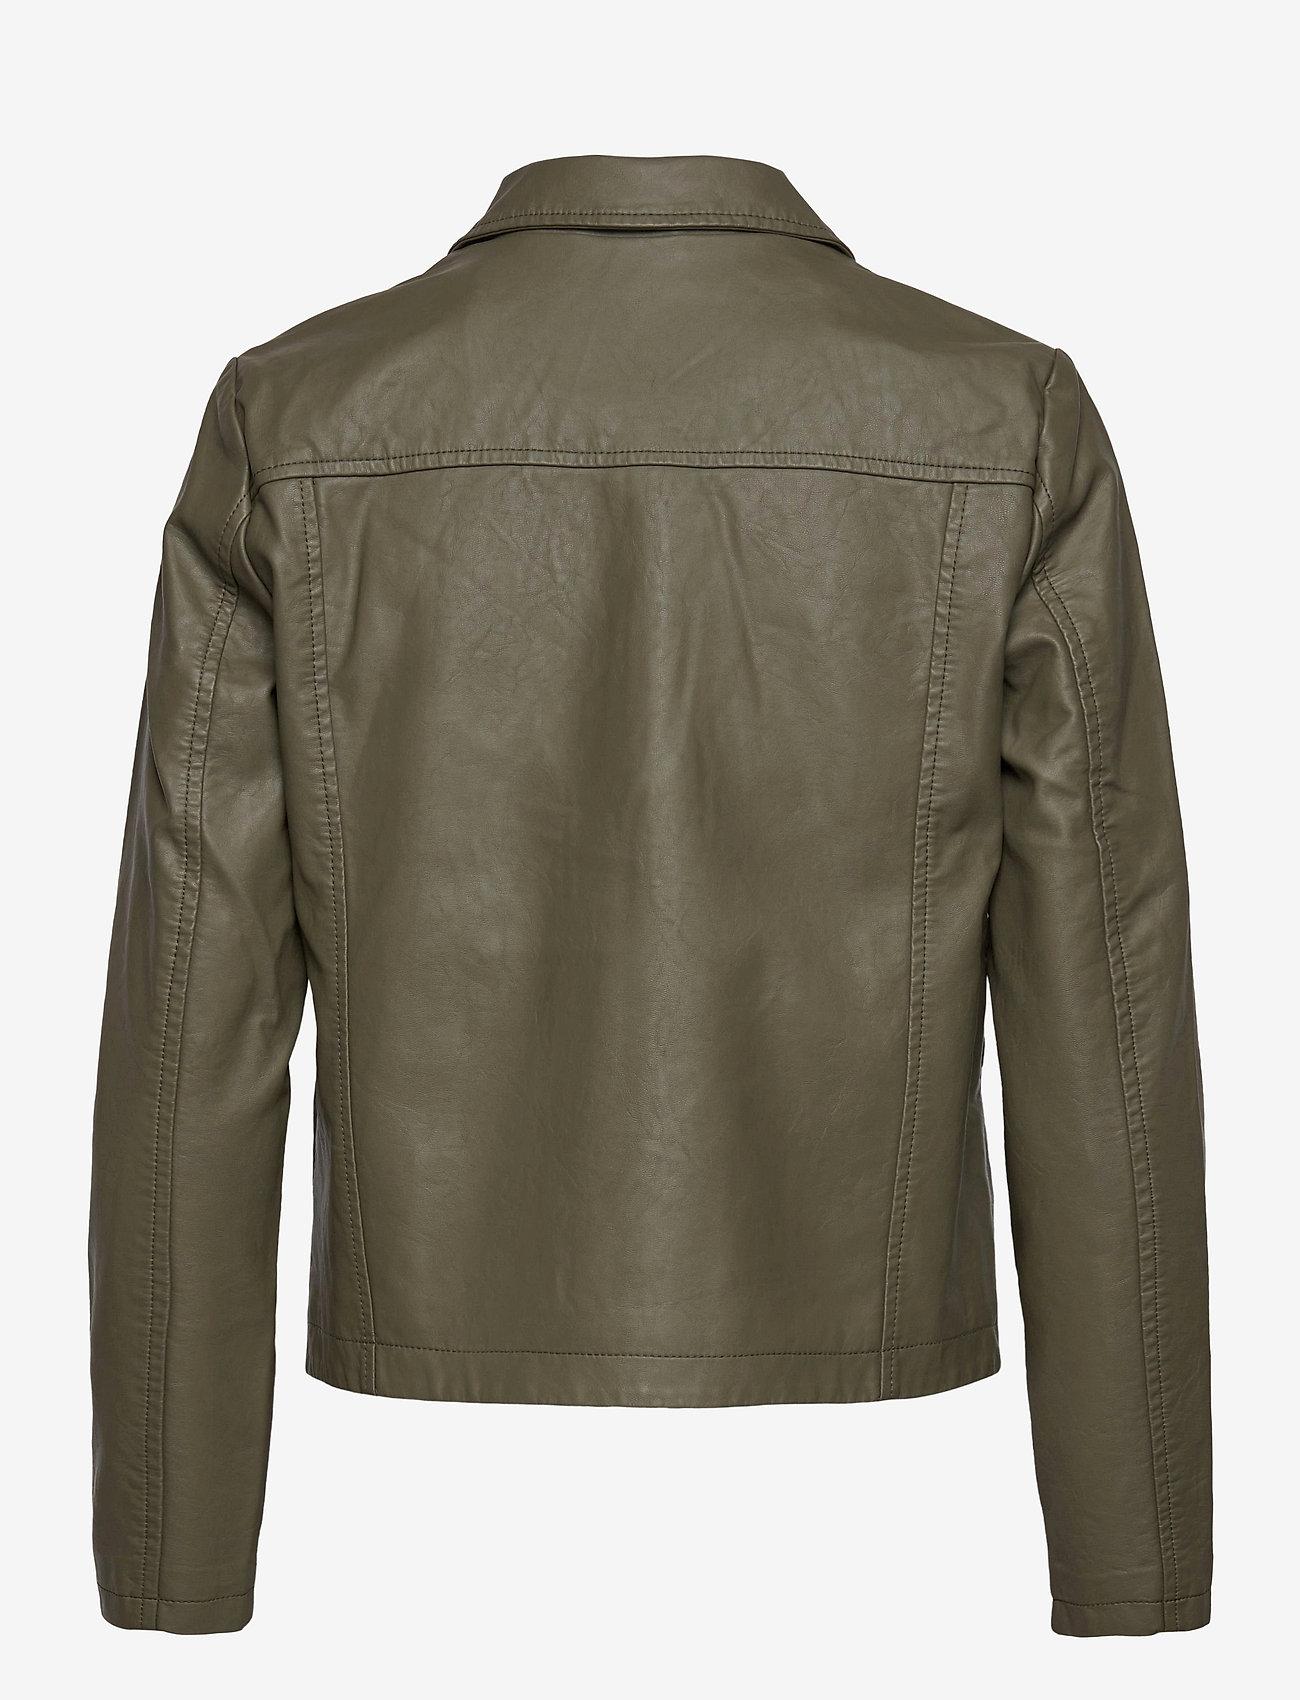 Soyaconcept - SC-GUNILLA - leather jackets - dark army - 1